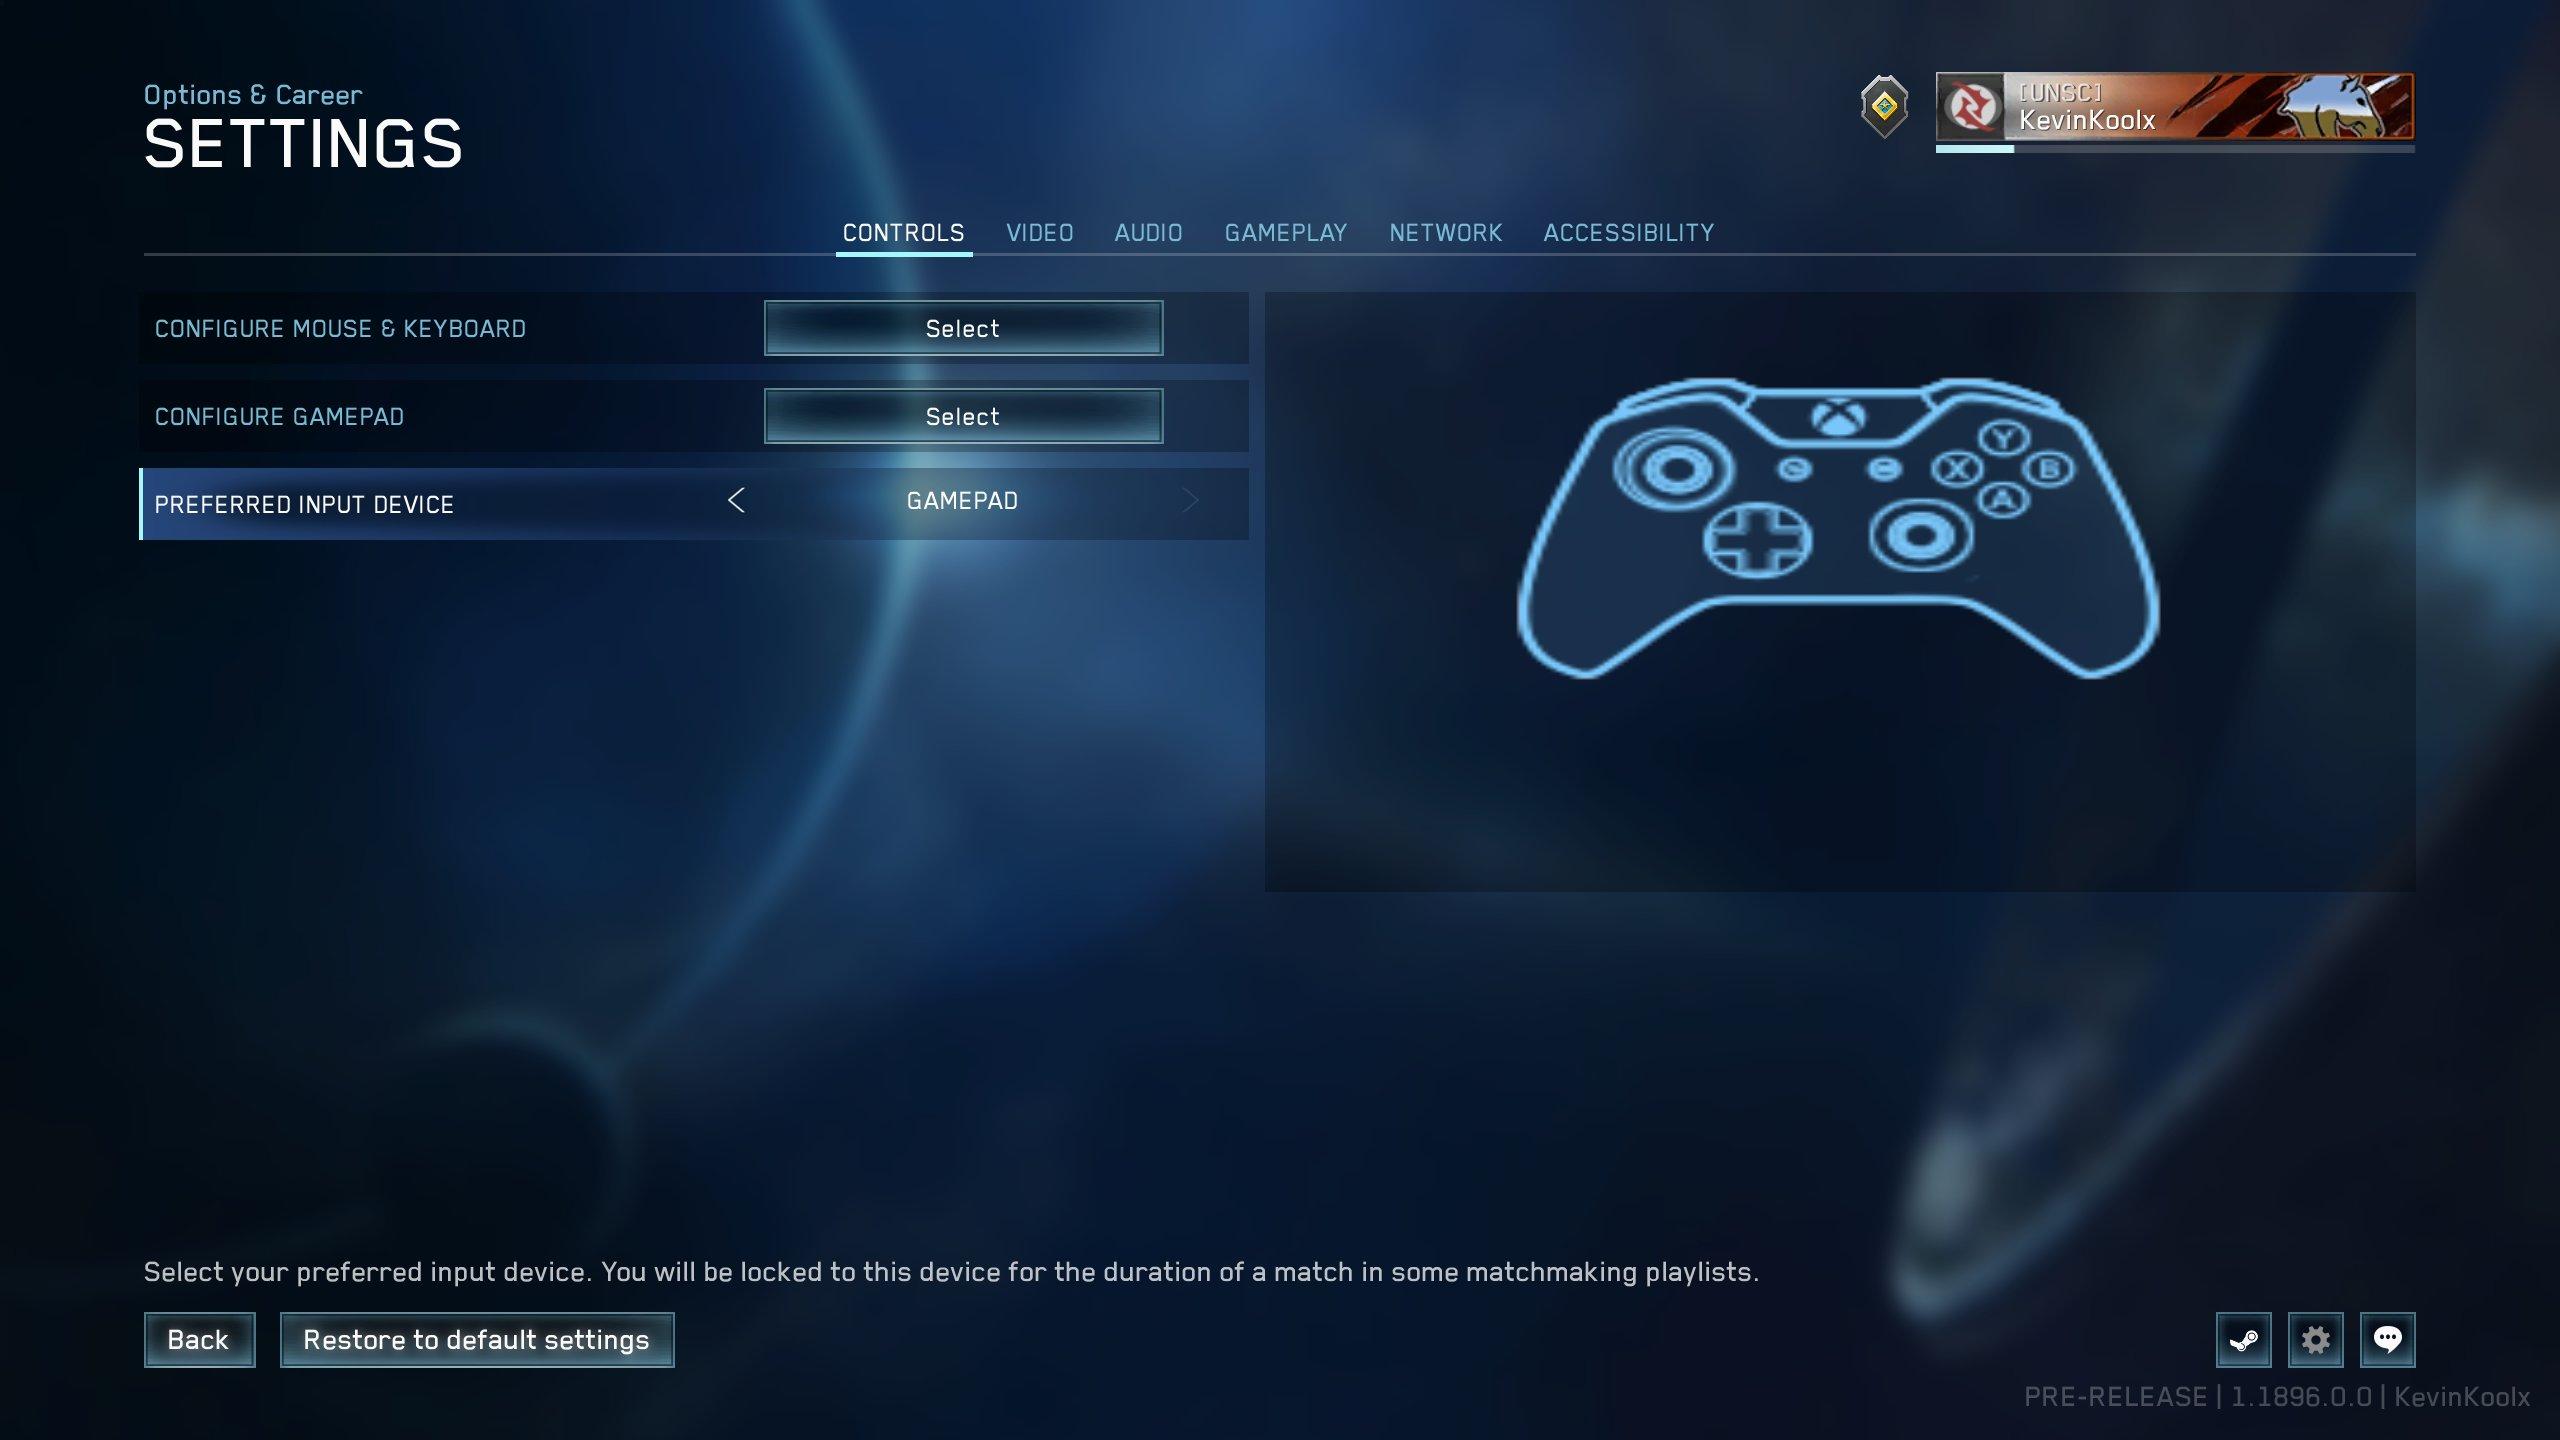 《光环4》beta测试邀请已经发出 检查邮箱确认资格